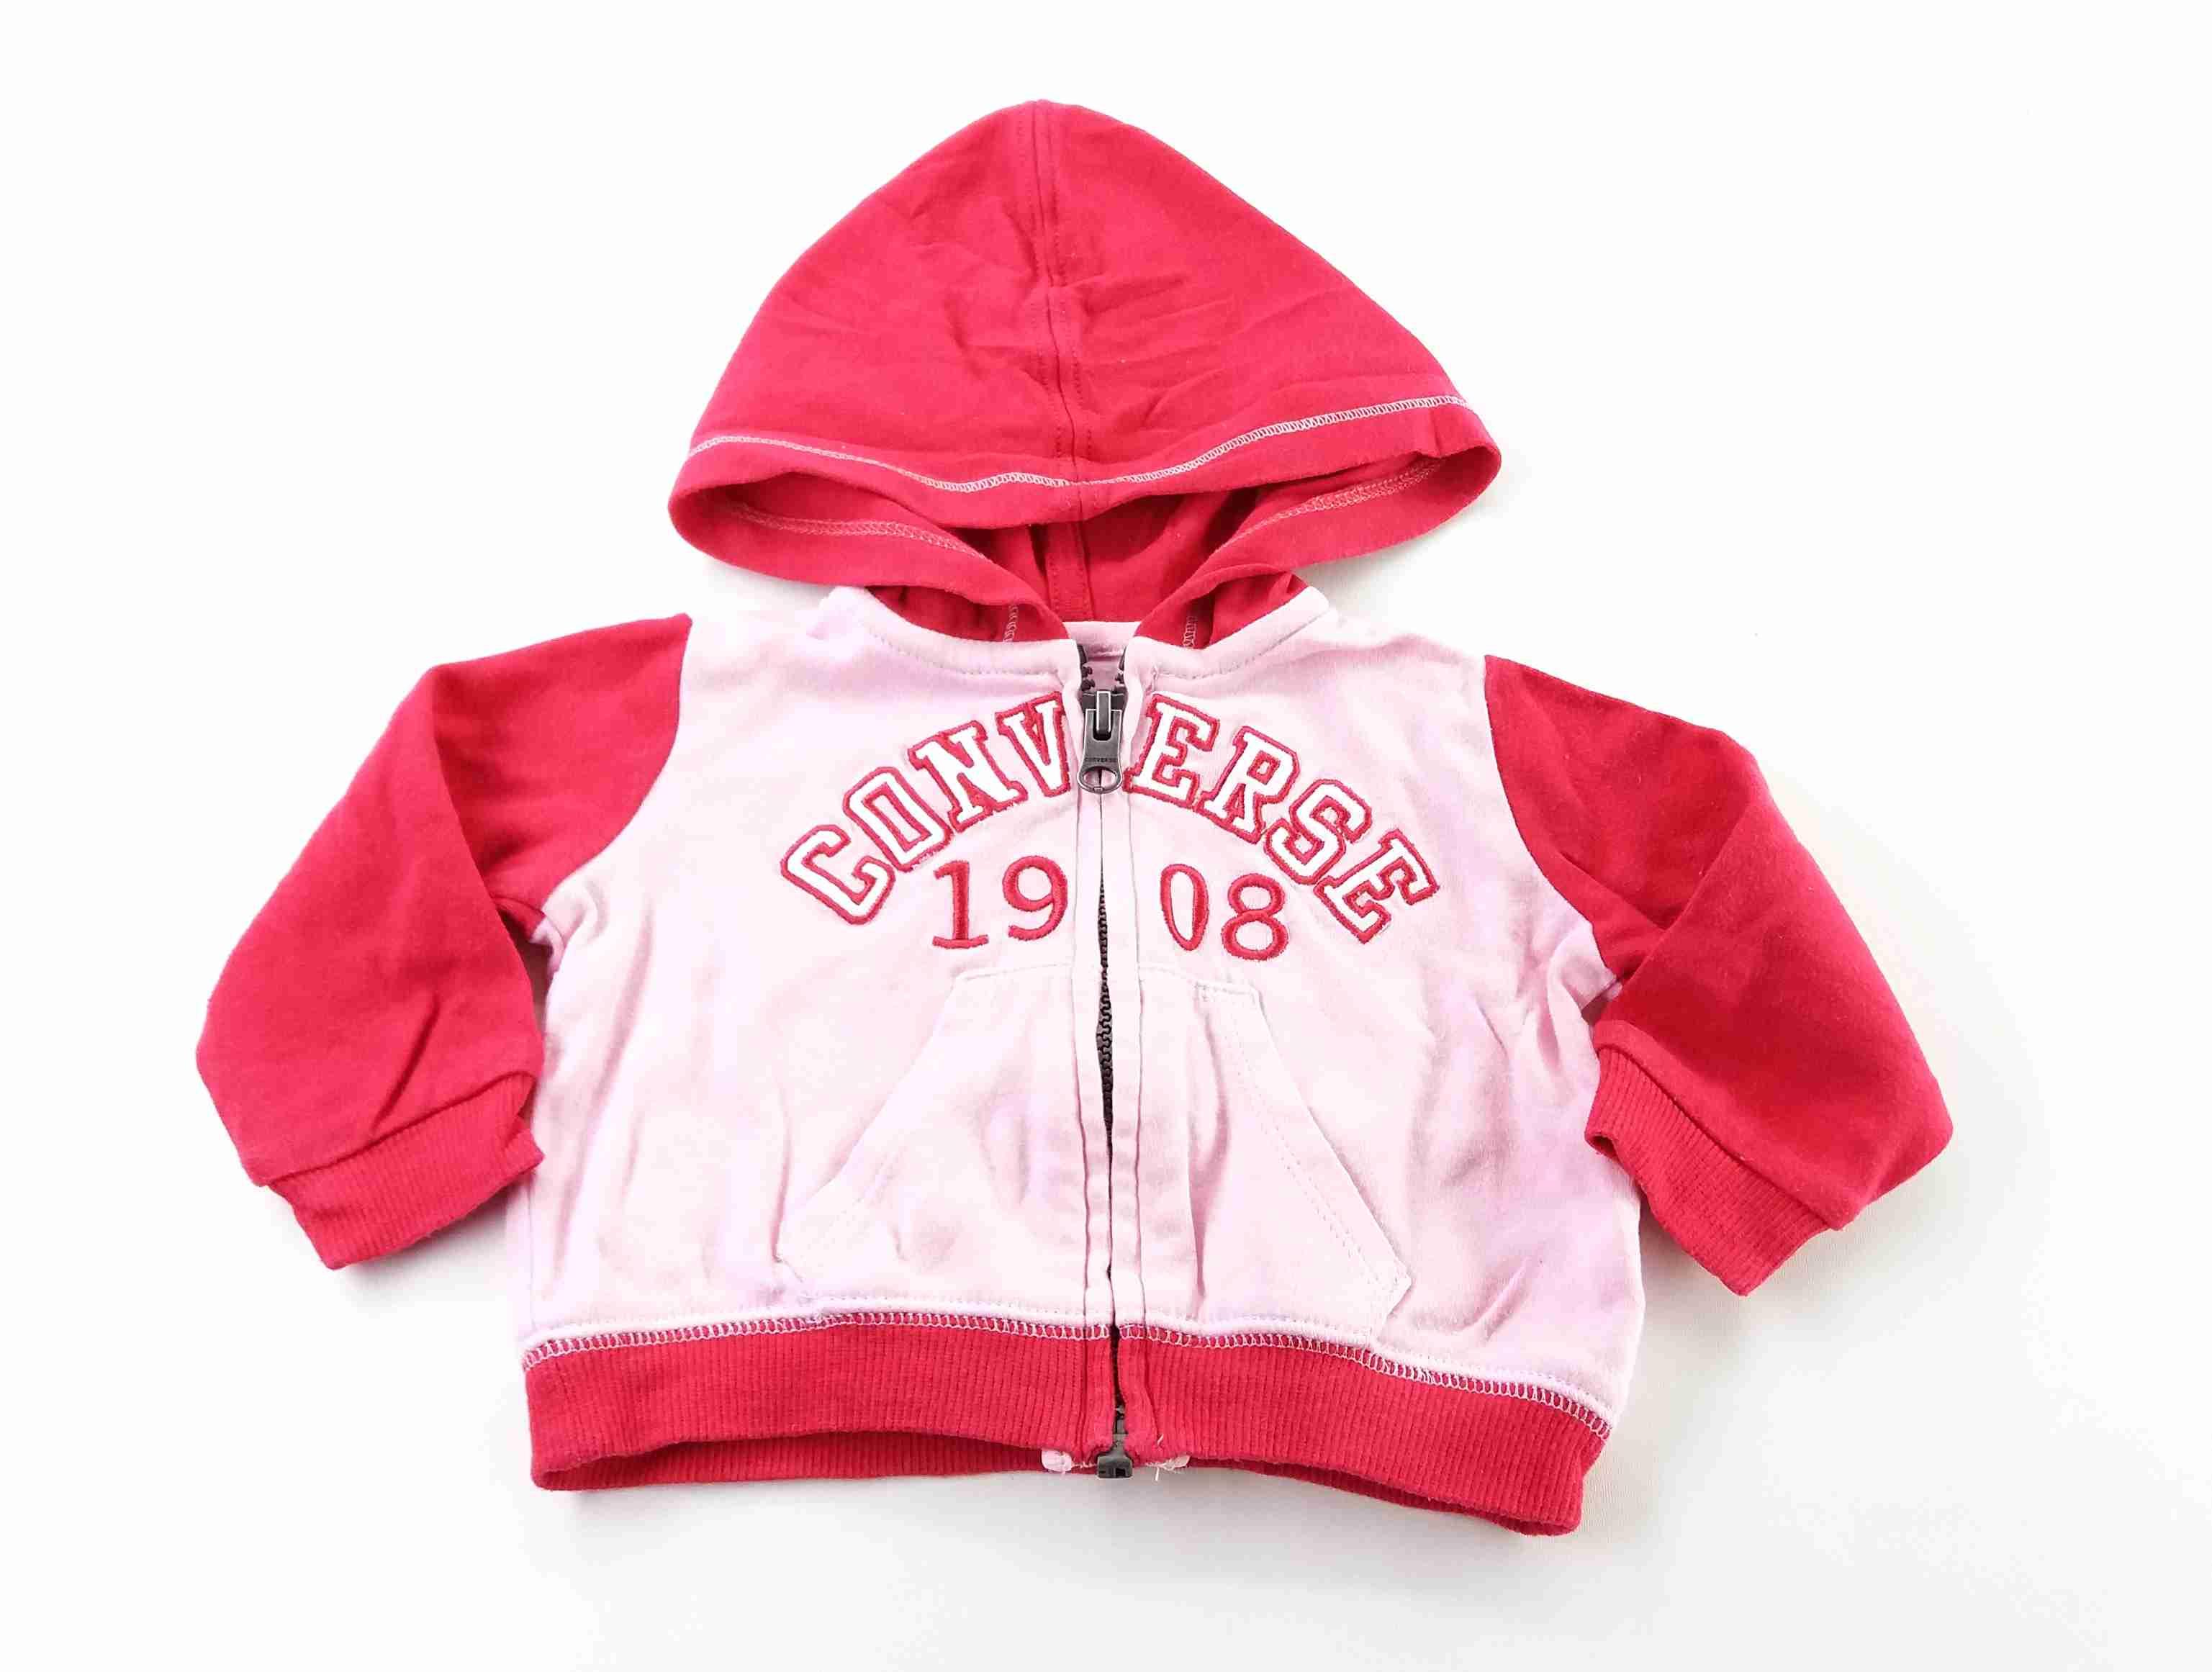 b6958bbd77 mikina růžová s nápisem CONVERSE vel 62